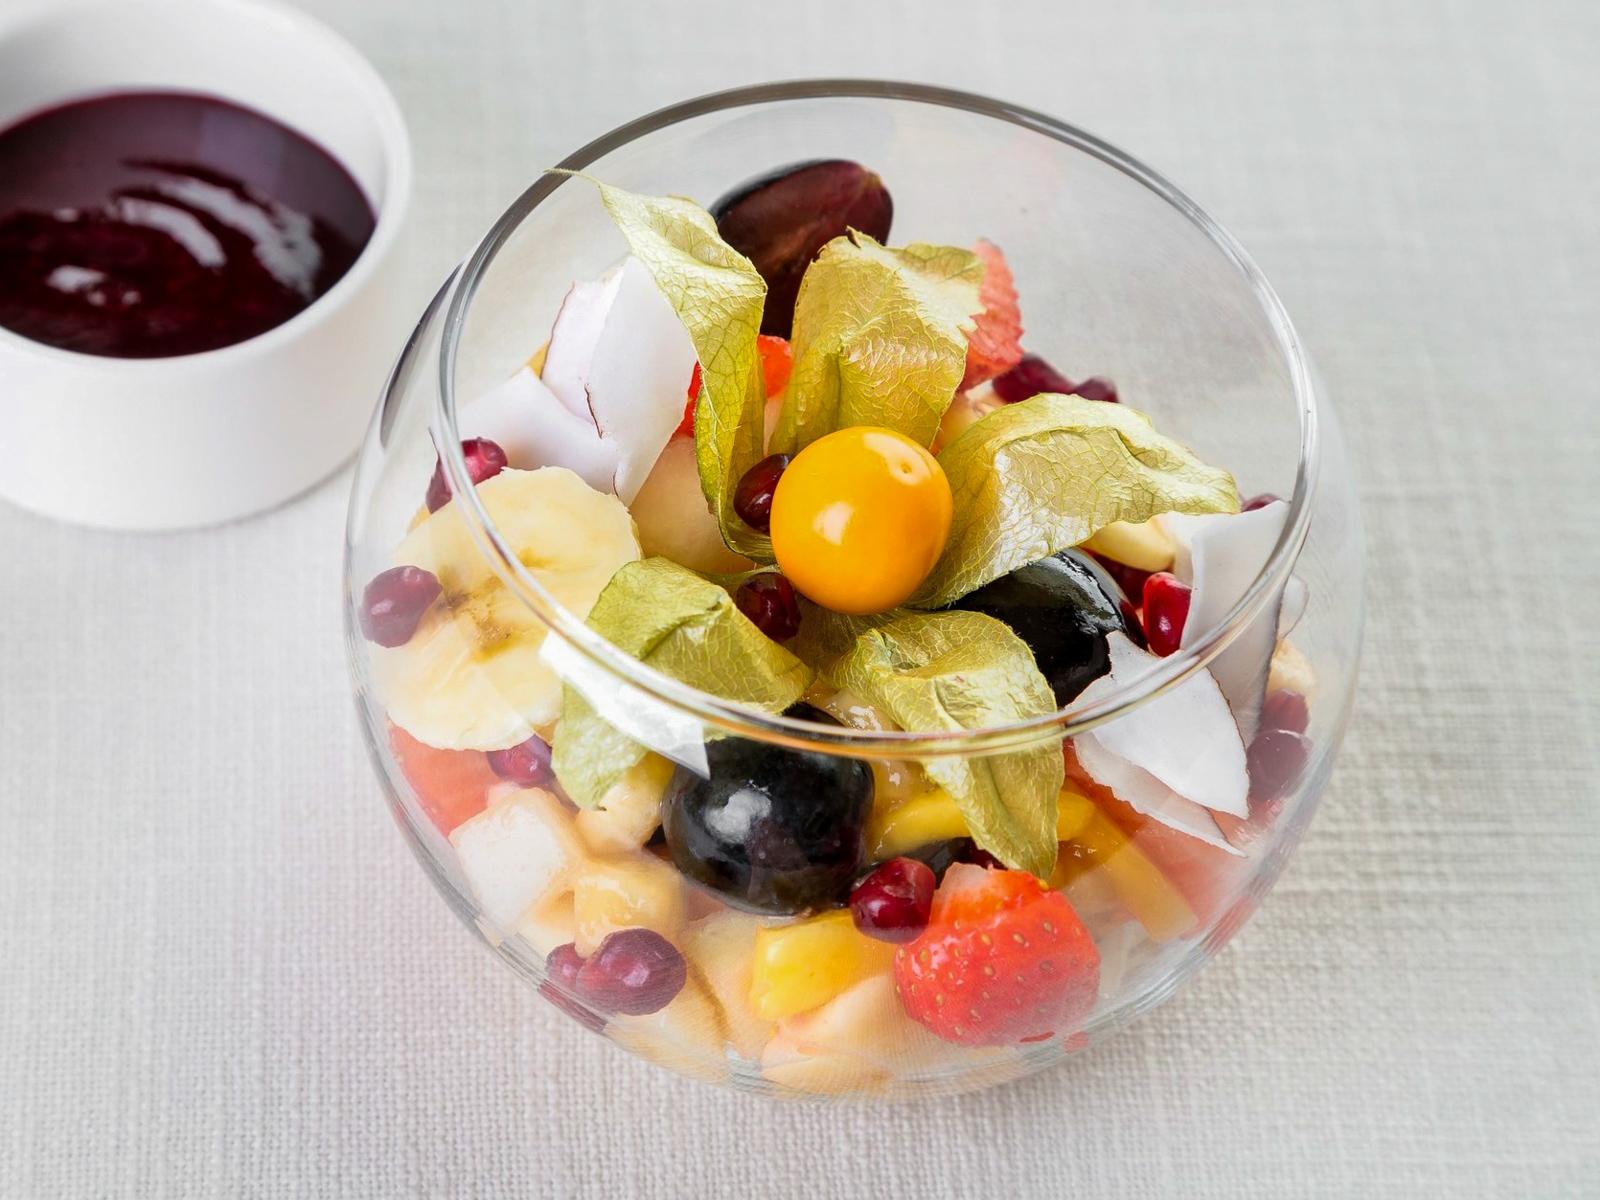 Салат из Десяти фруктов с земляничным сиропом